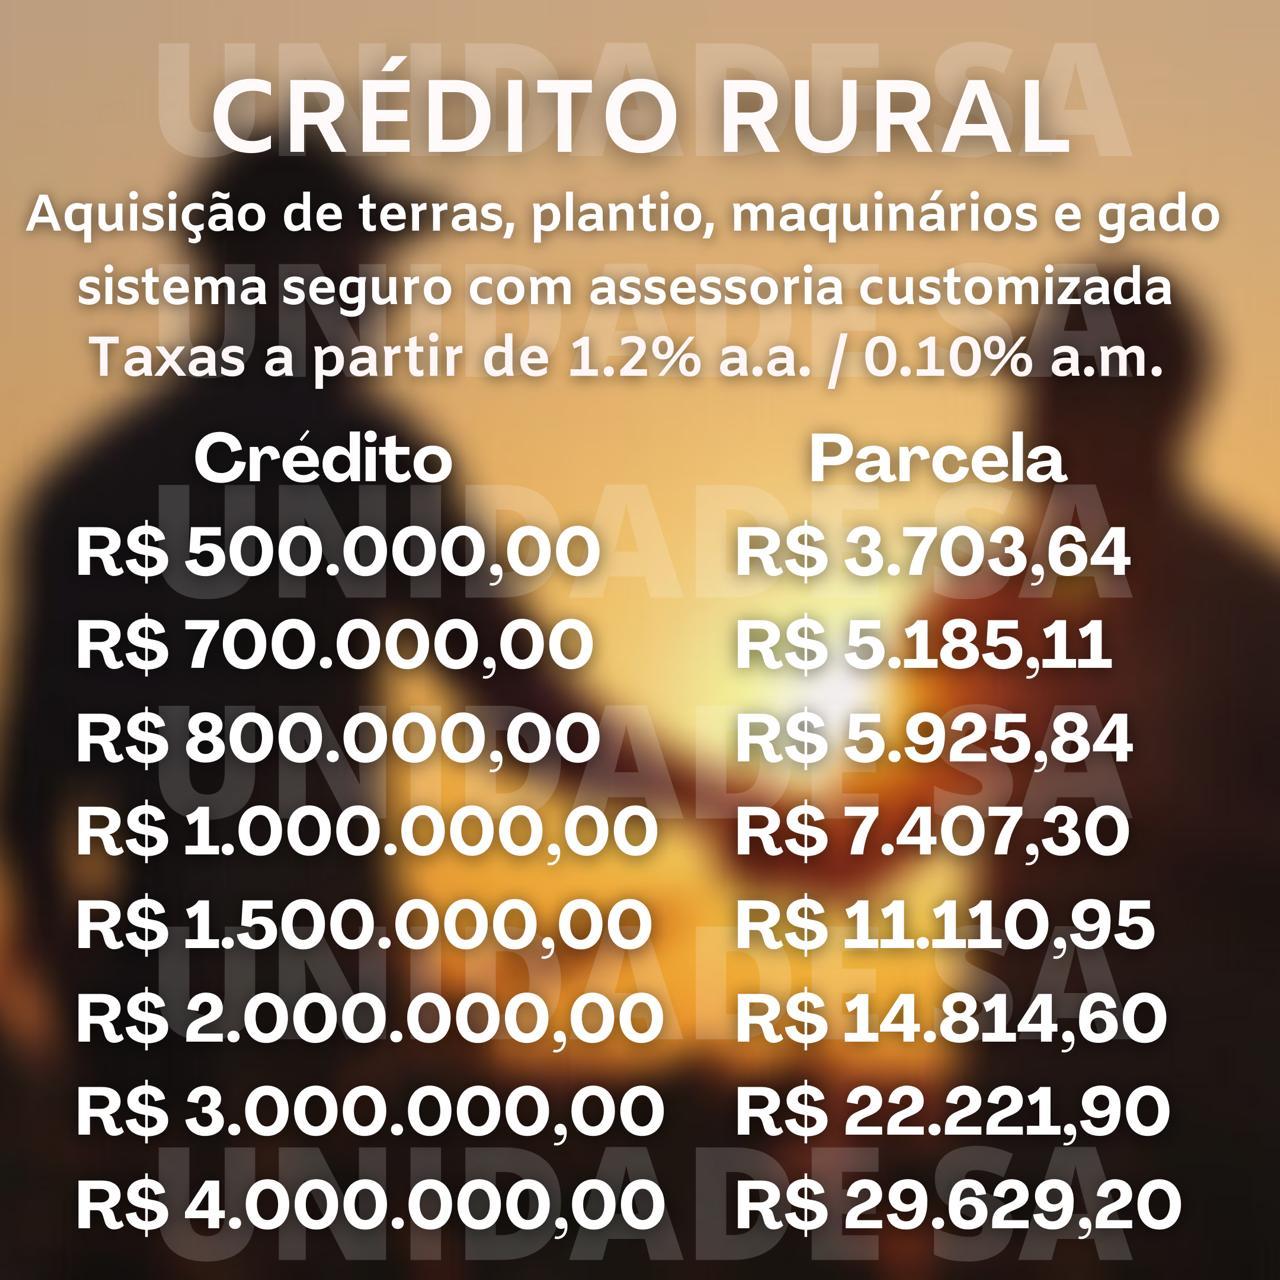 CRÉDITO RURAL E CAP.GIRO